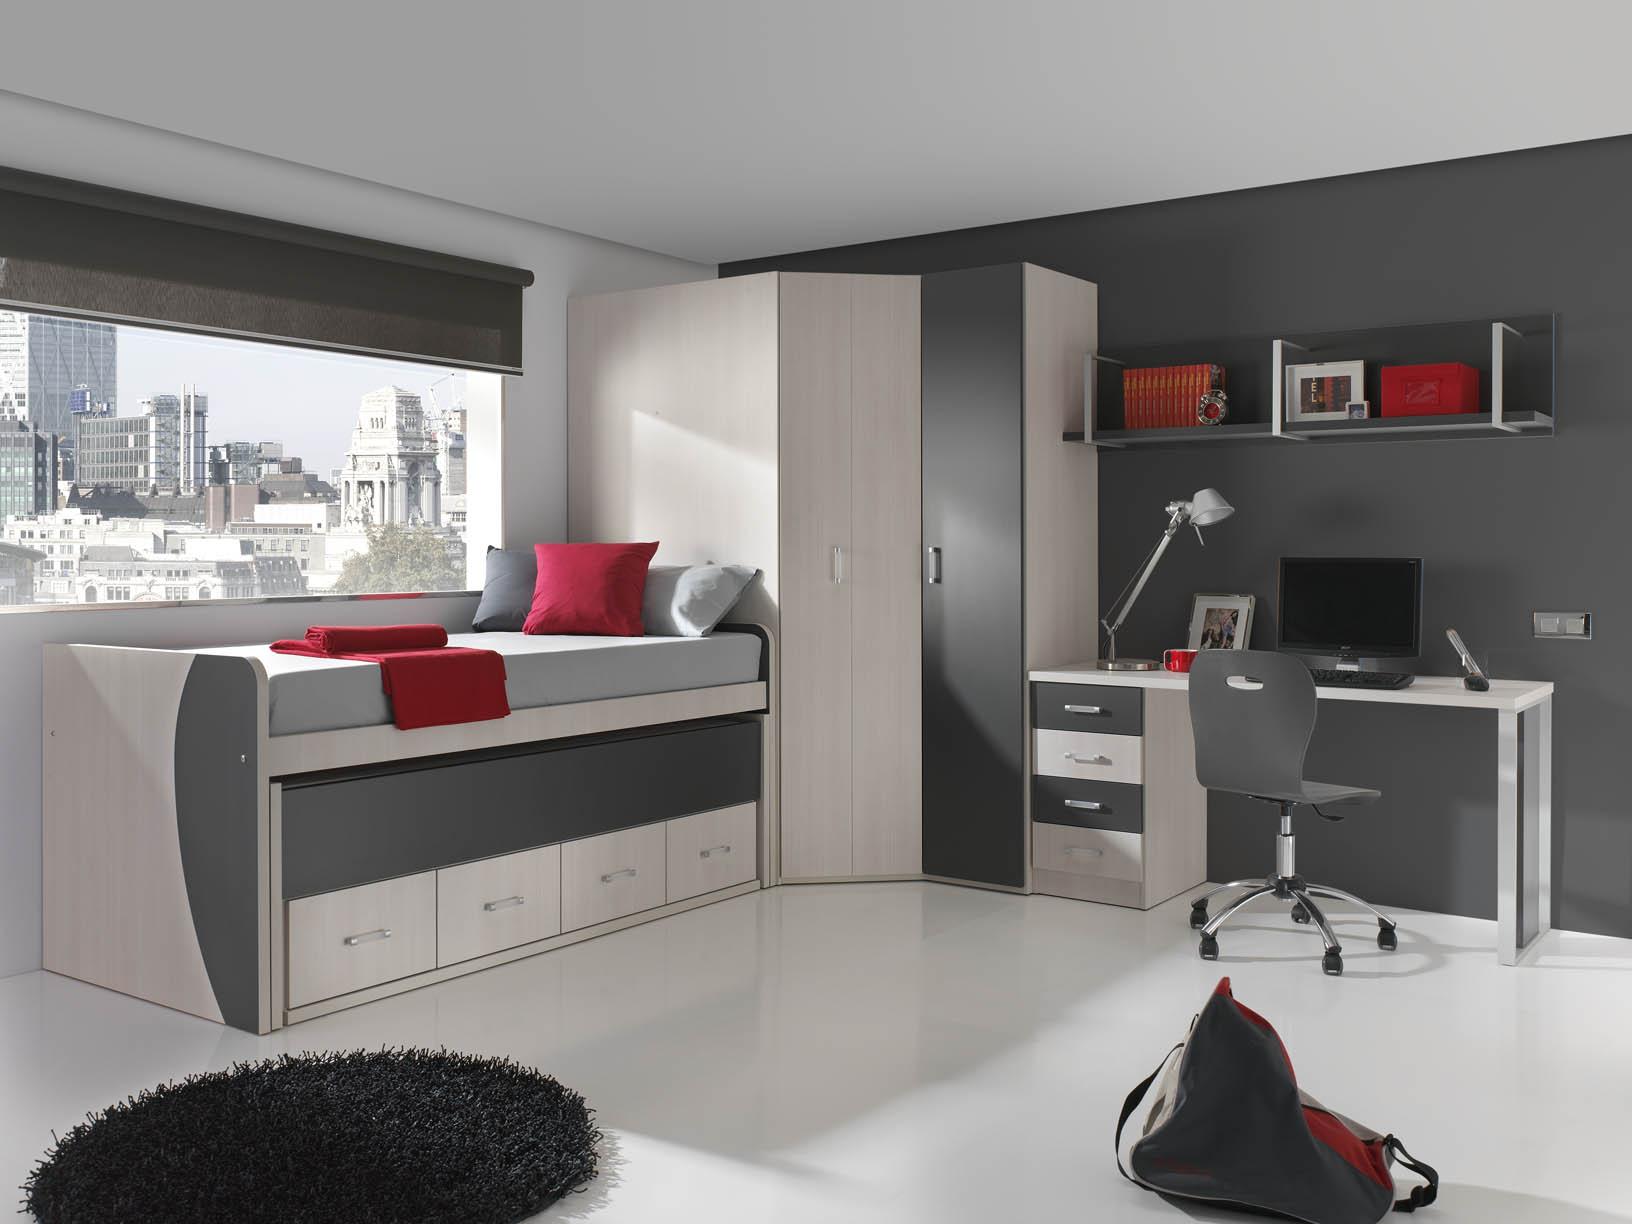 Muebles dormitorio grande 20170816173712 for Muebles dormitorio juvenil